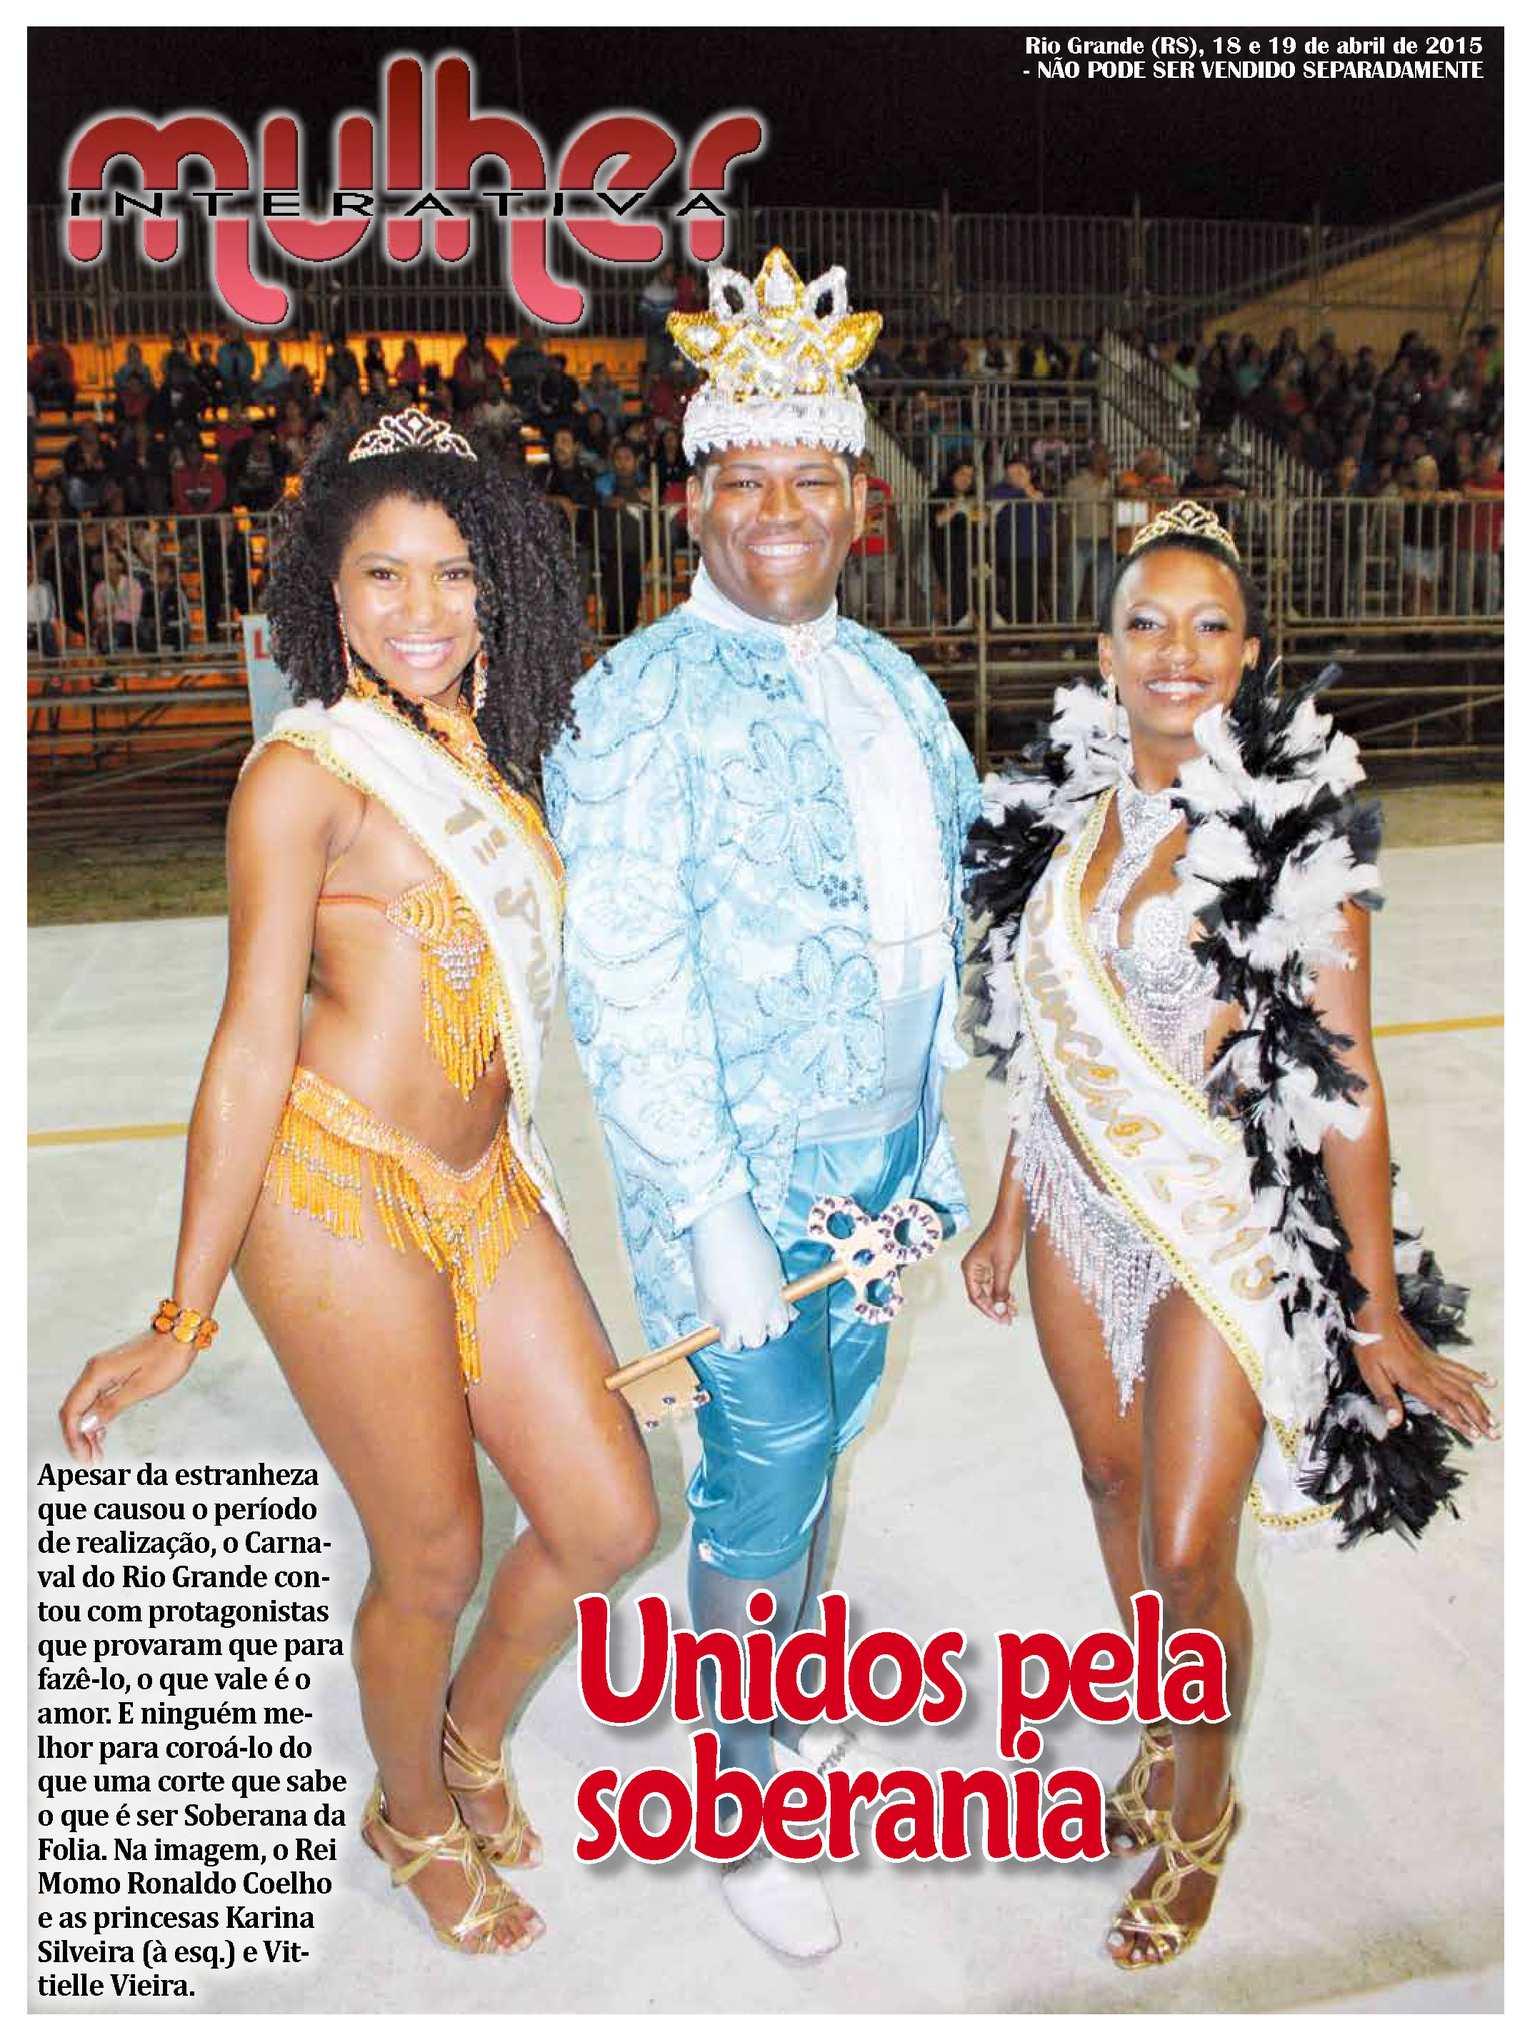 Jornal Agora - Edição 11123 - Mulher Interativa - 18 e 19 de Abril de 2015